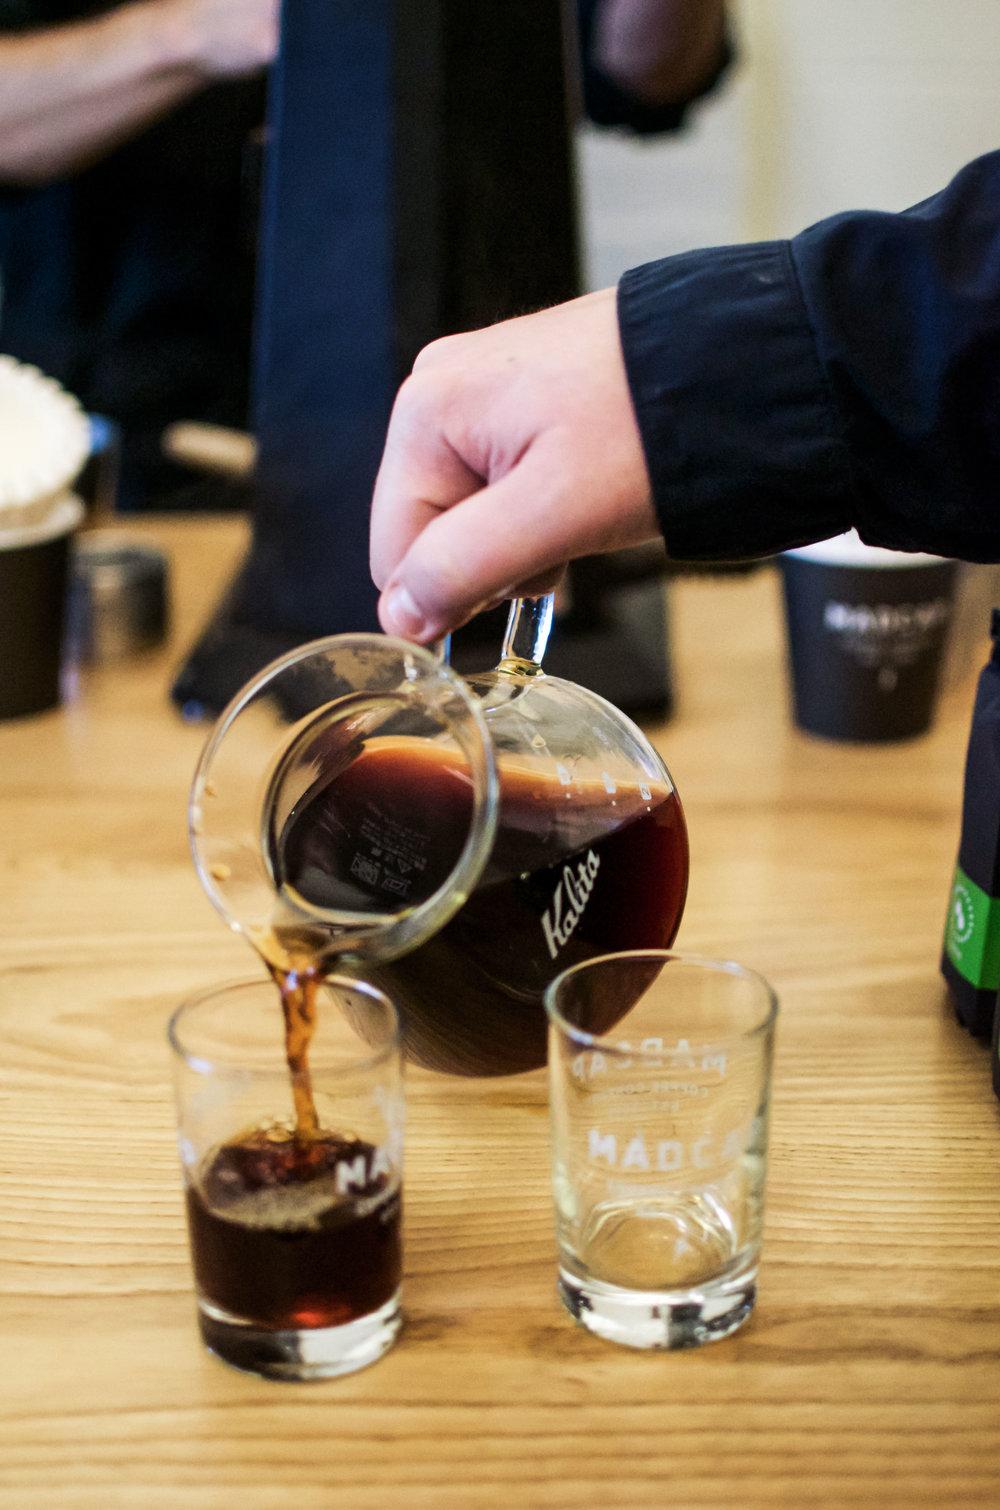 Wendling_Boyd_Daily_Fika_Coffee_Madcap-12.jpg